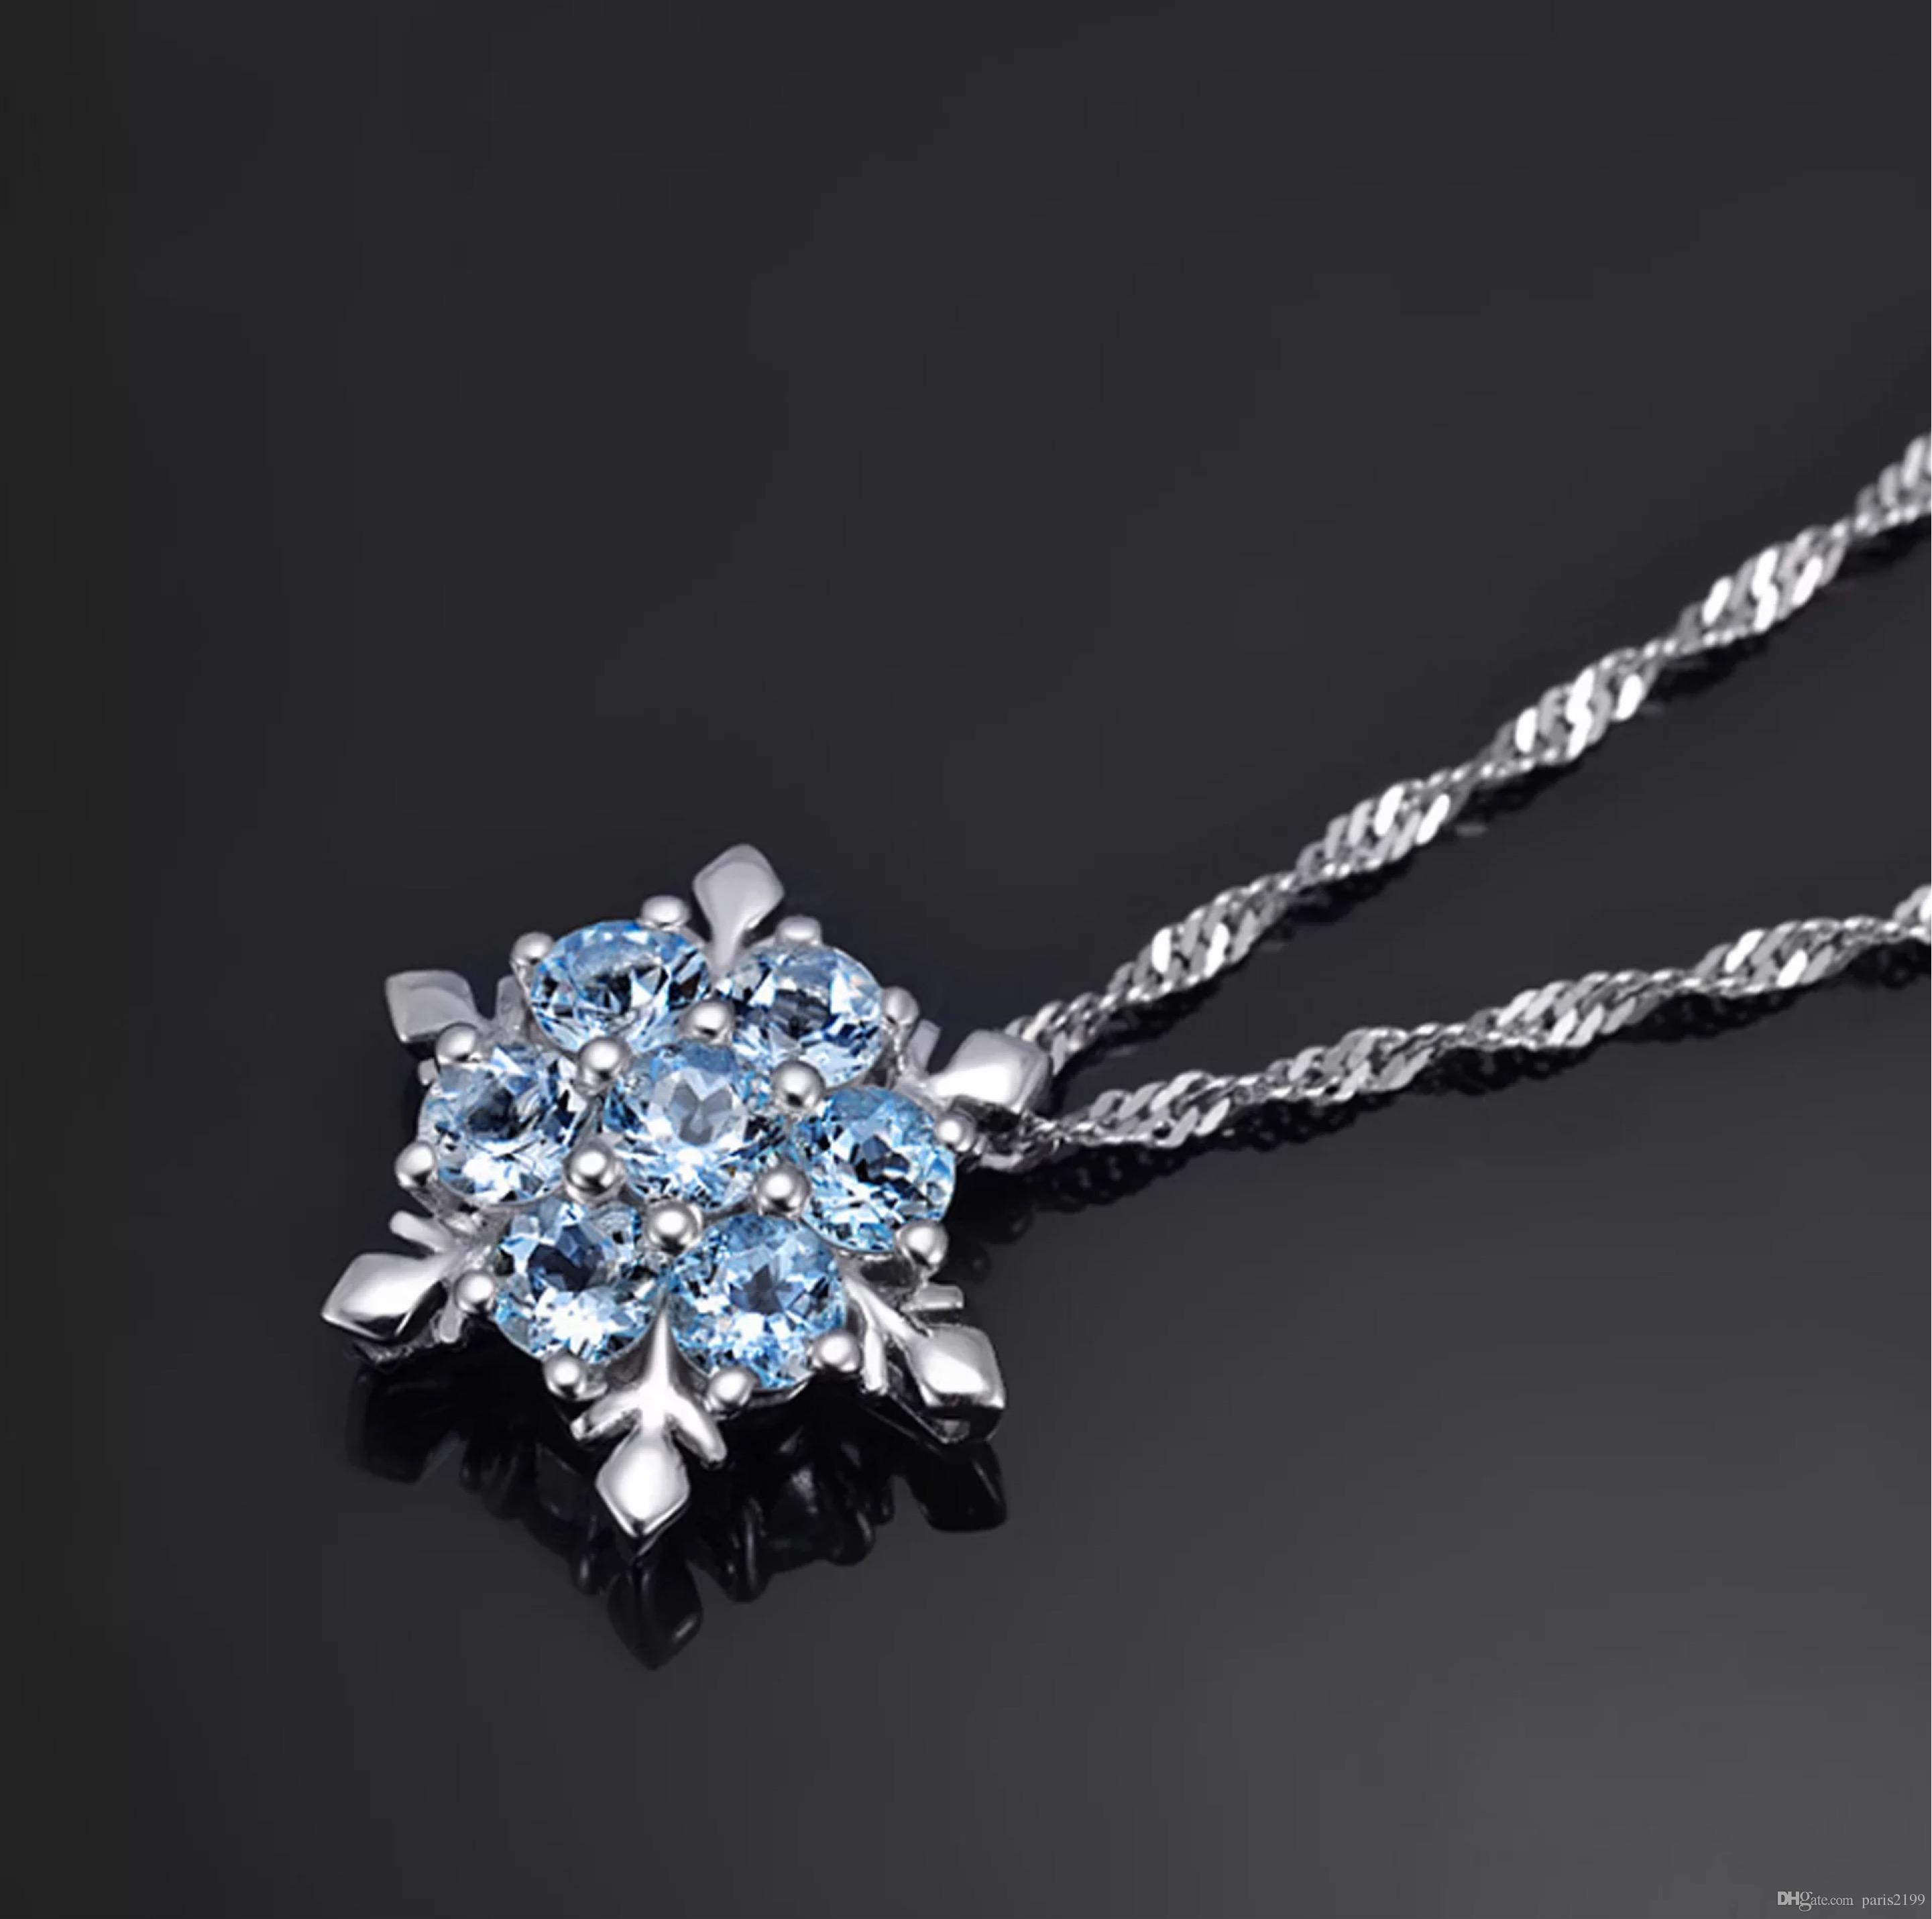 Moda donna Gioielli Blu cristallo fiocco di neve Fiore congelato s925 Collana in argento con pendenti a catena